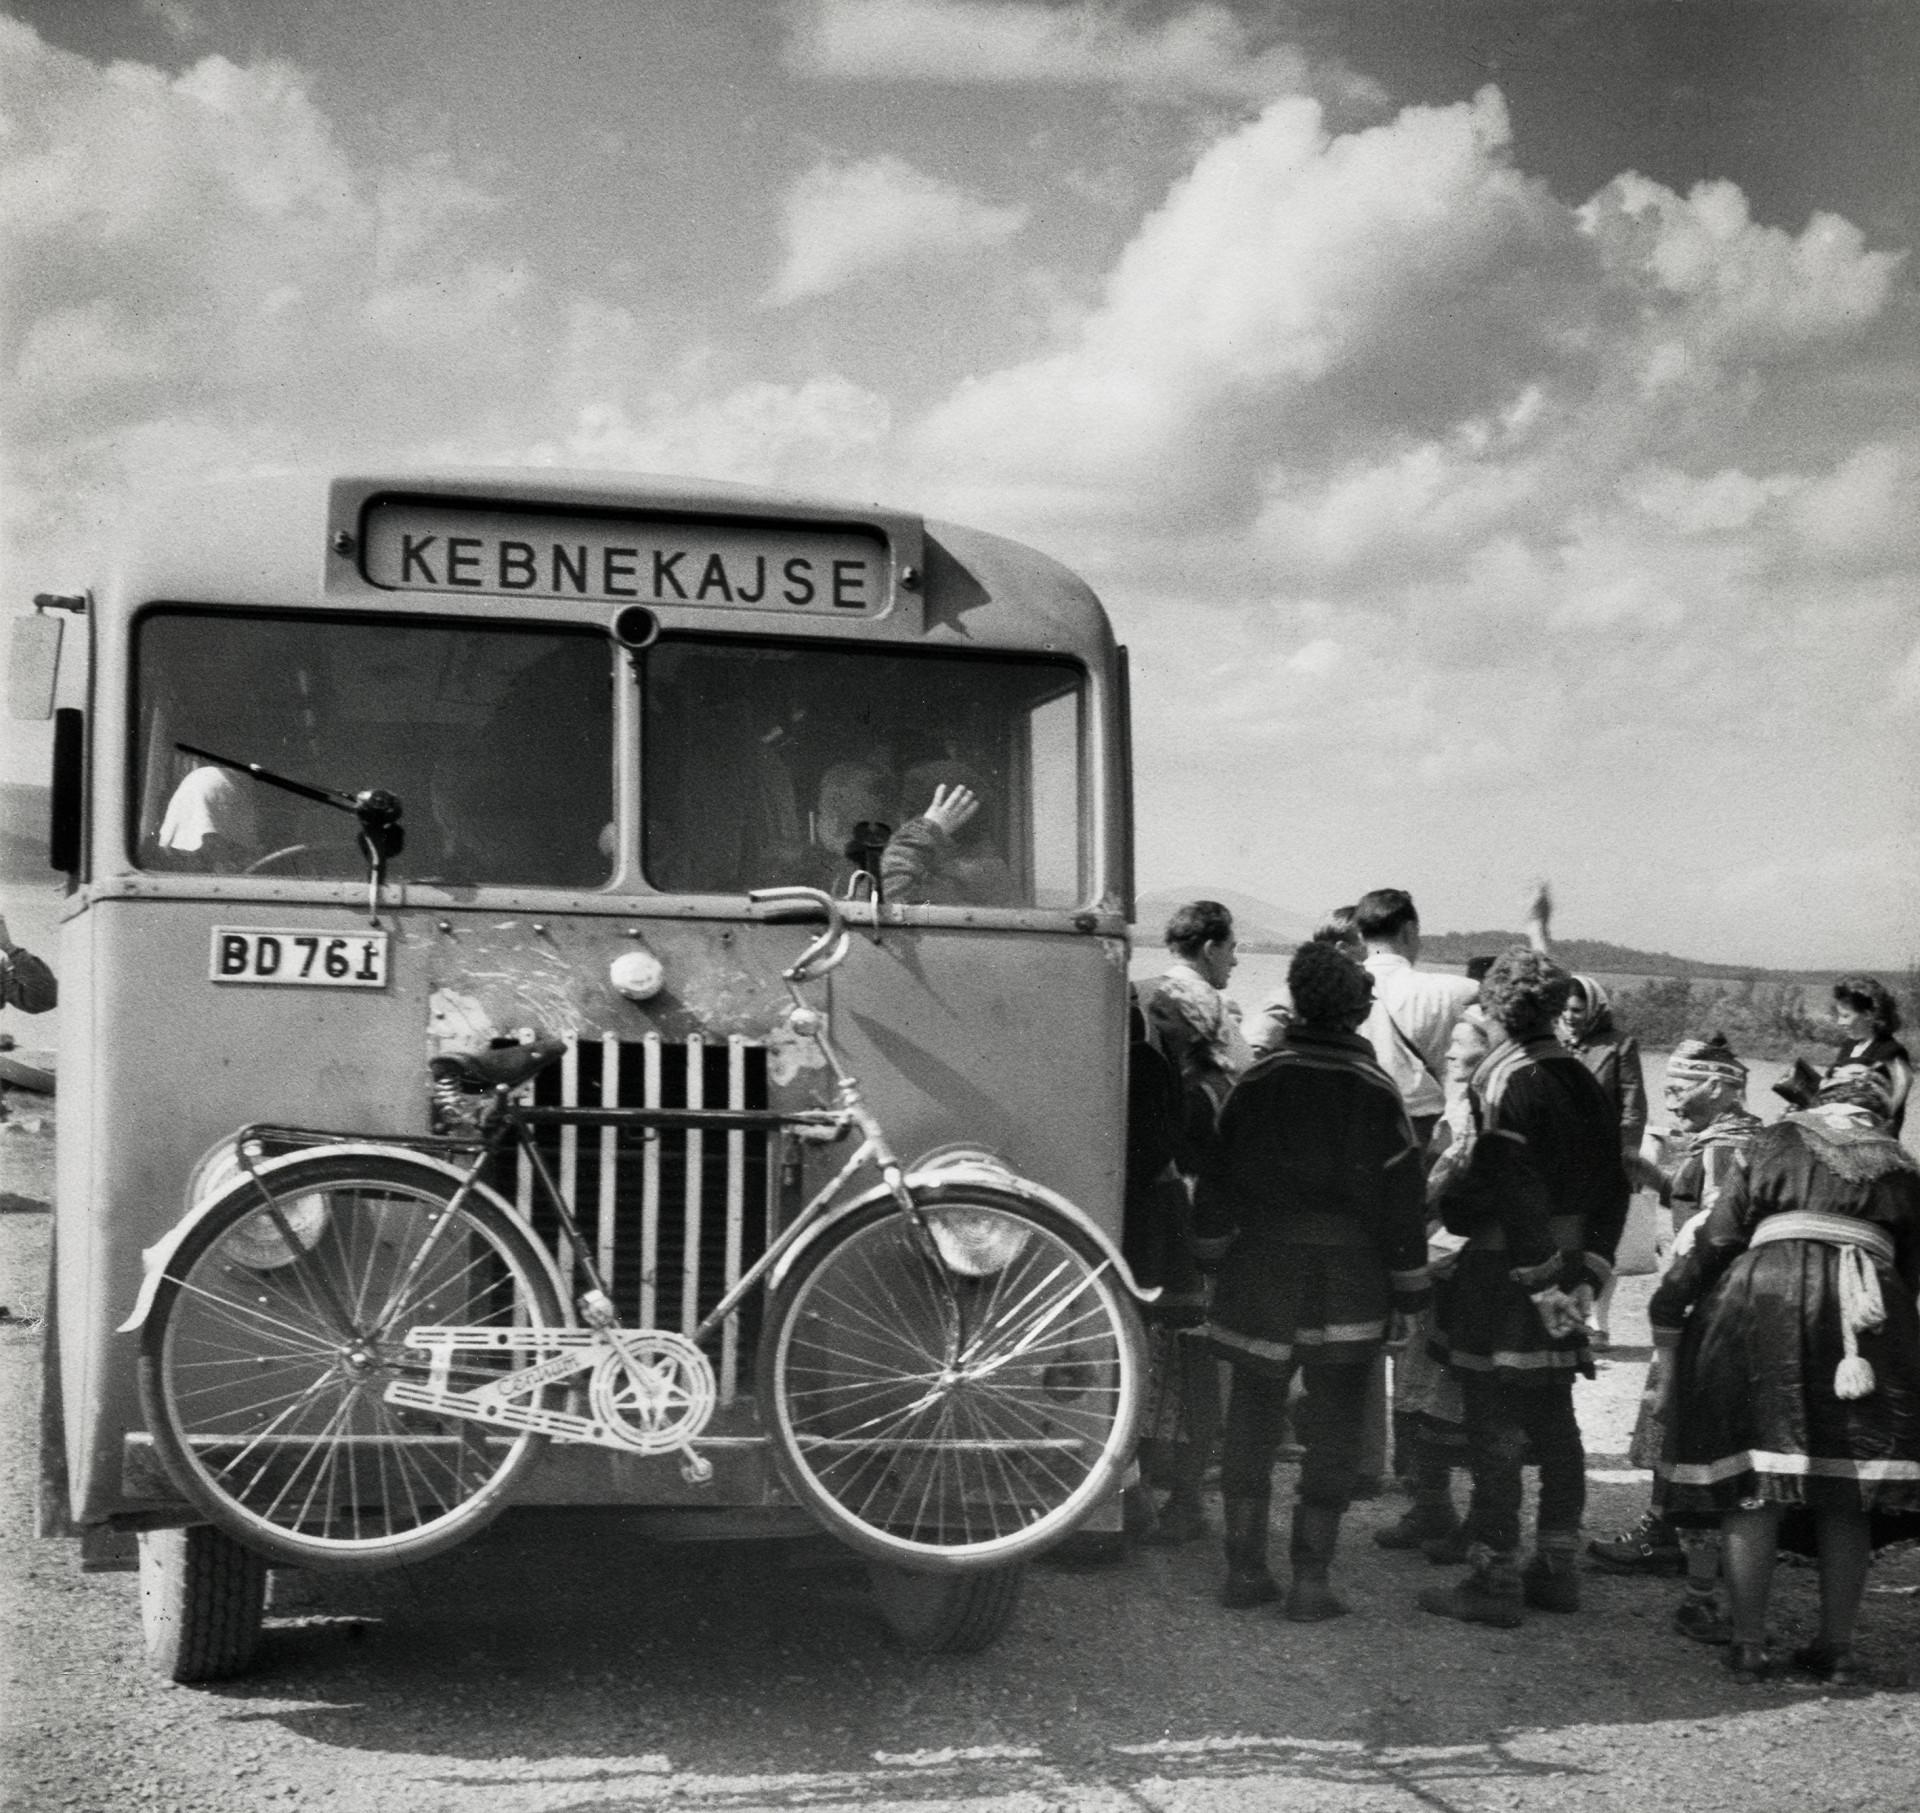 """Buss med cykel fastsatt på fronten. På skylten på bussens framsida står det """"Kebnekajse"""". Utanför bussen står en grupp människor. Holmajärvi. Juli 1946."""